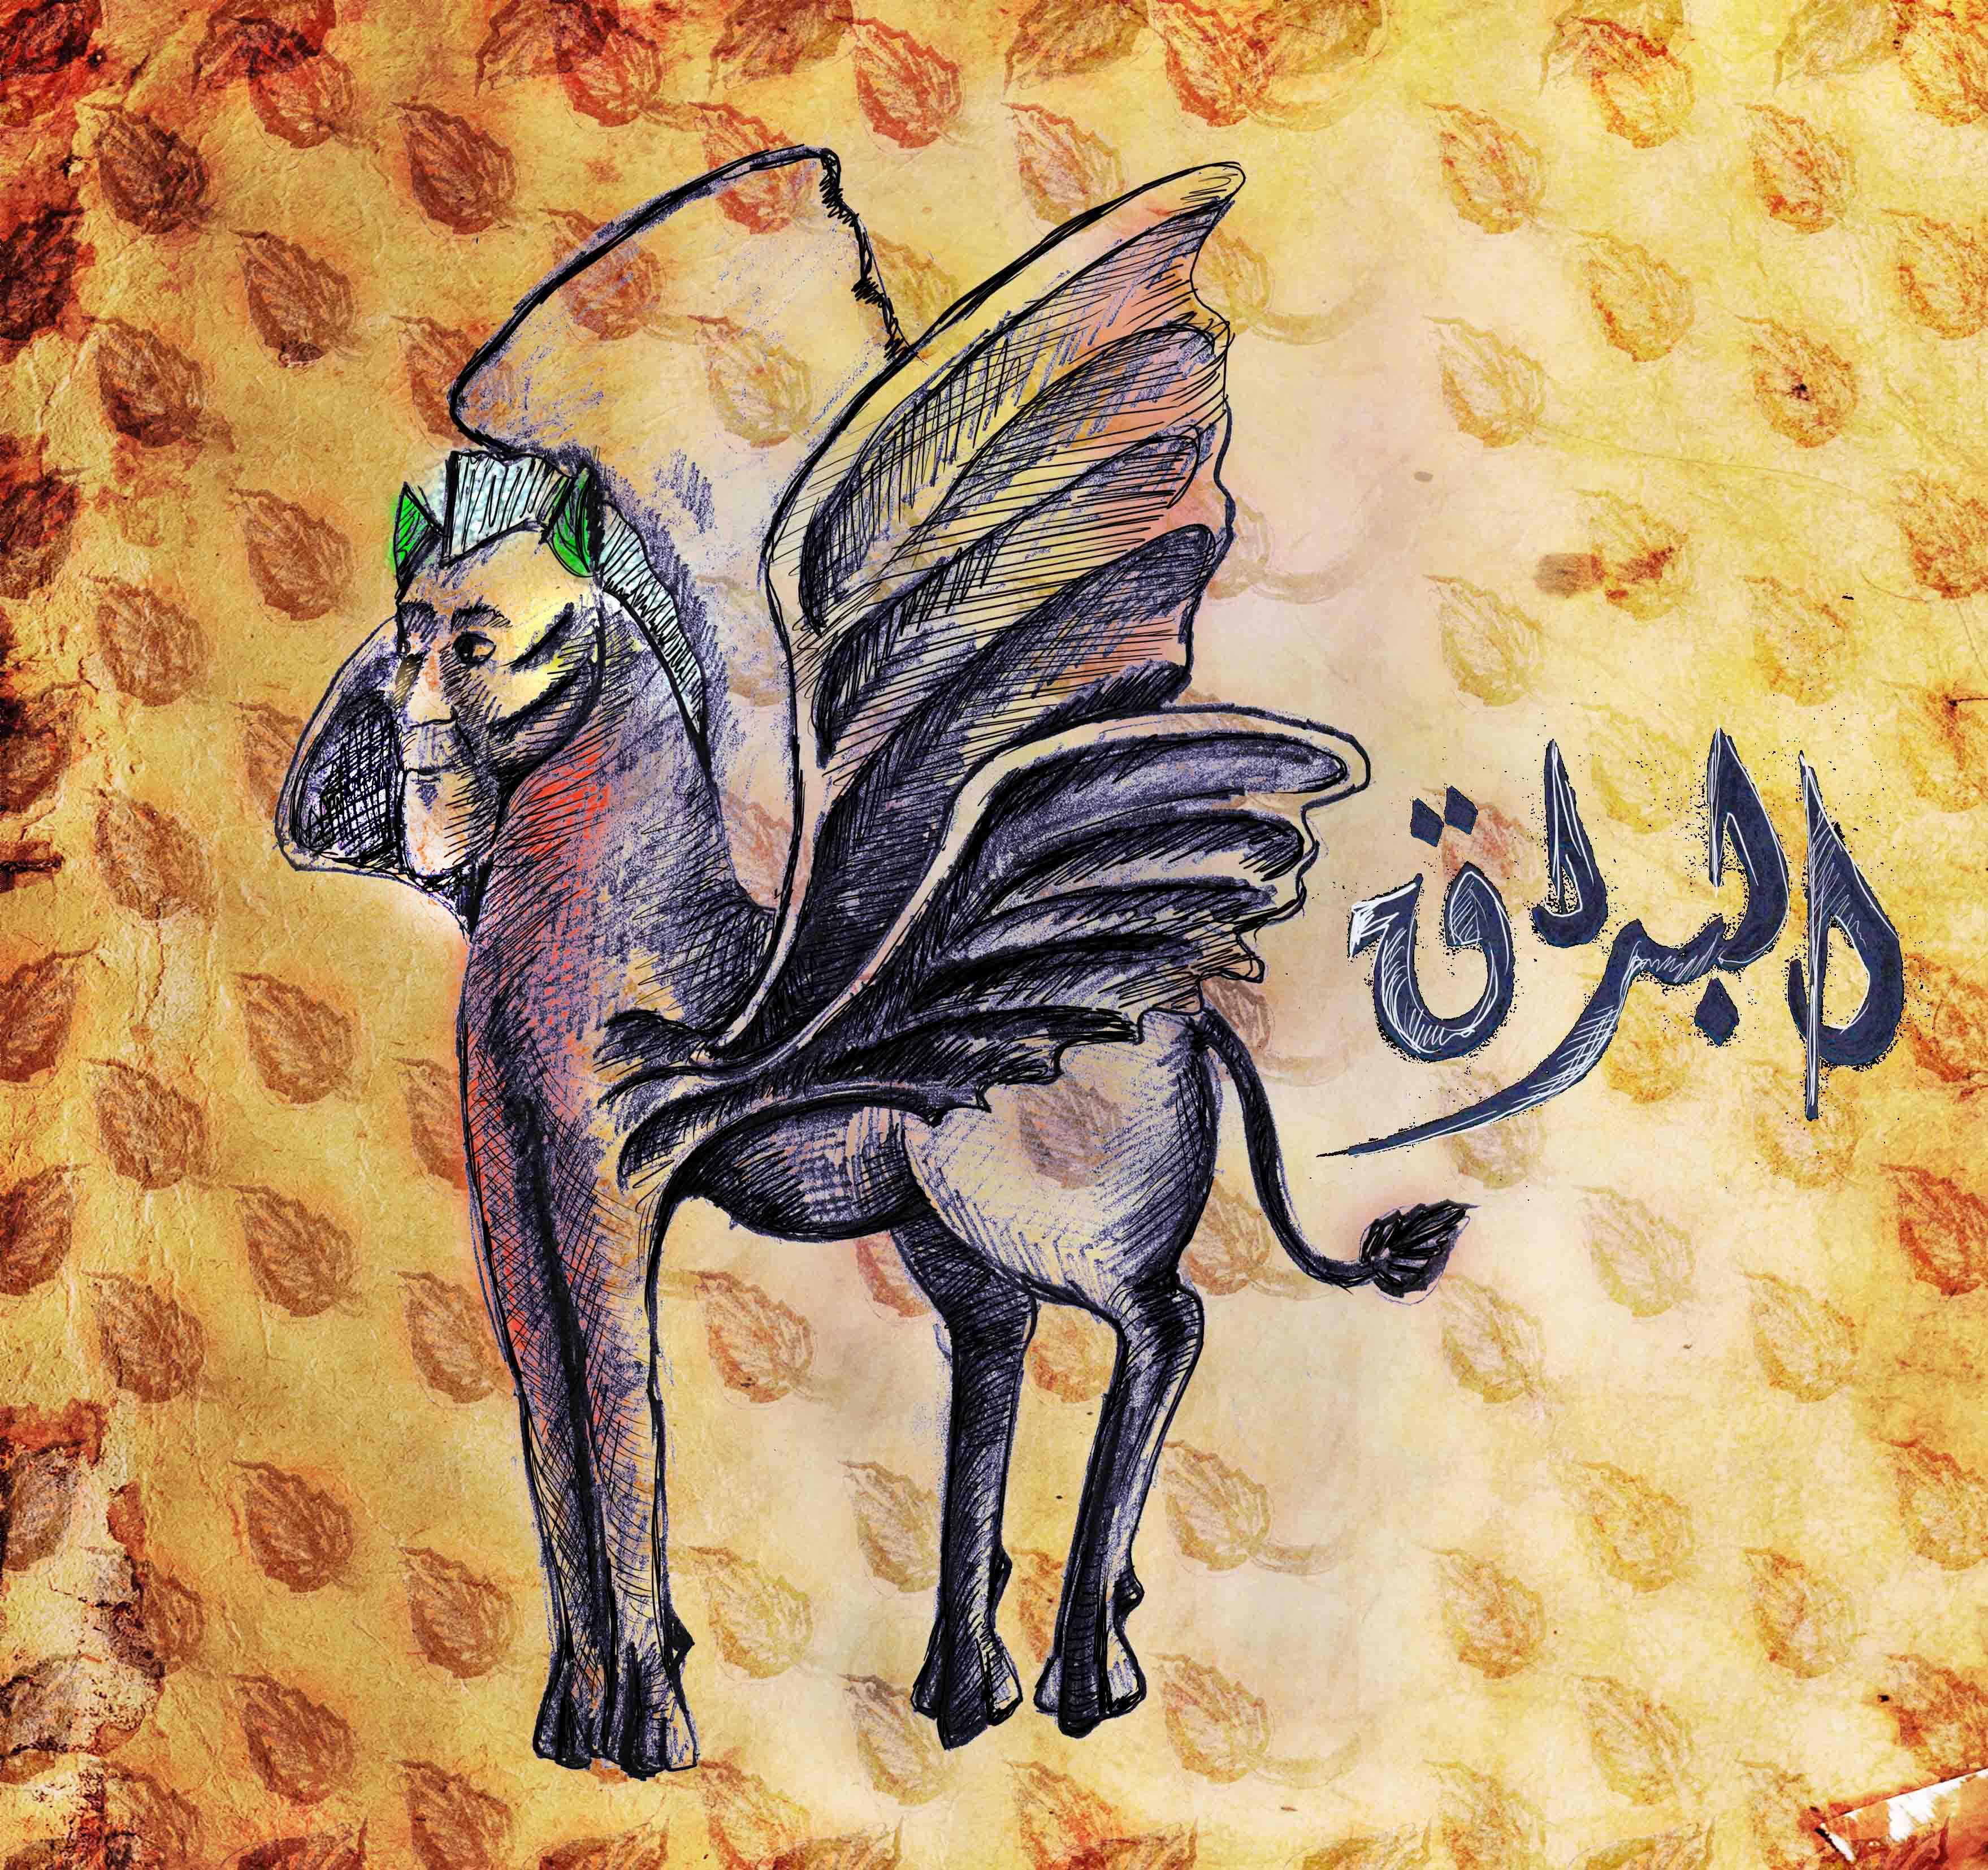 الكائنات الأسطورية في الثقافة العربية - البراق